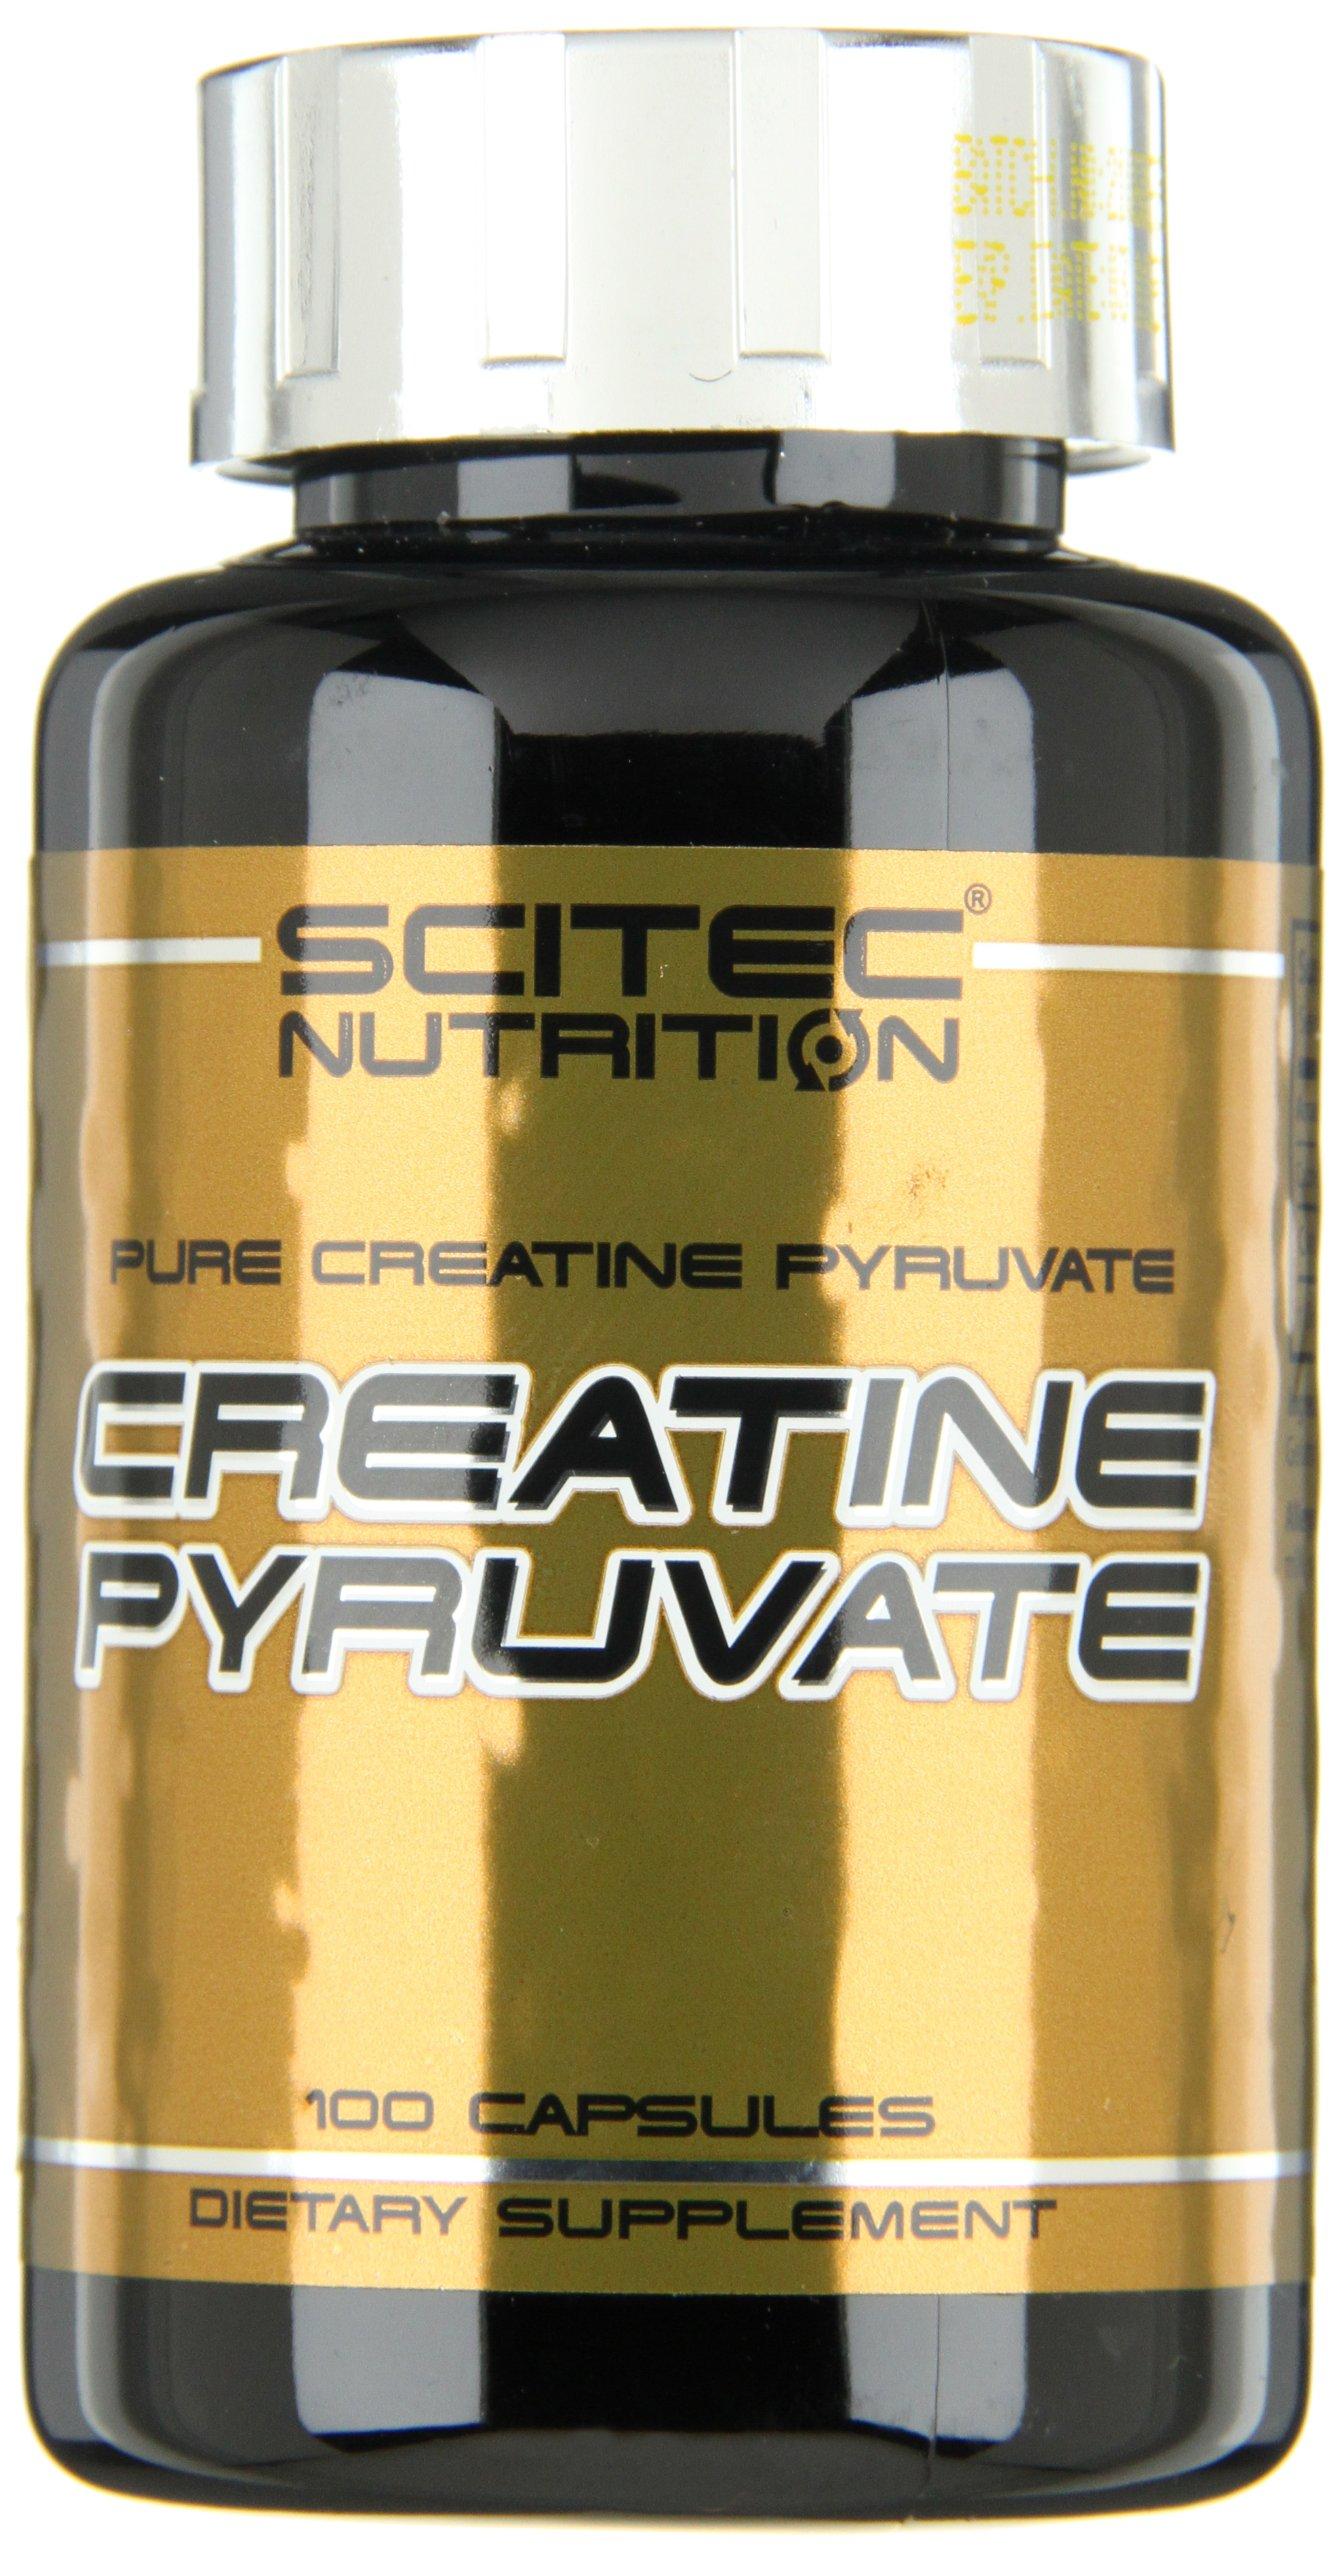 Creatine pyruvate - 100 capsules - Scitec nutrition